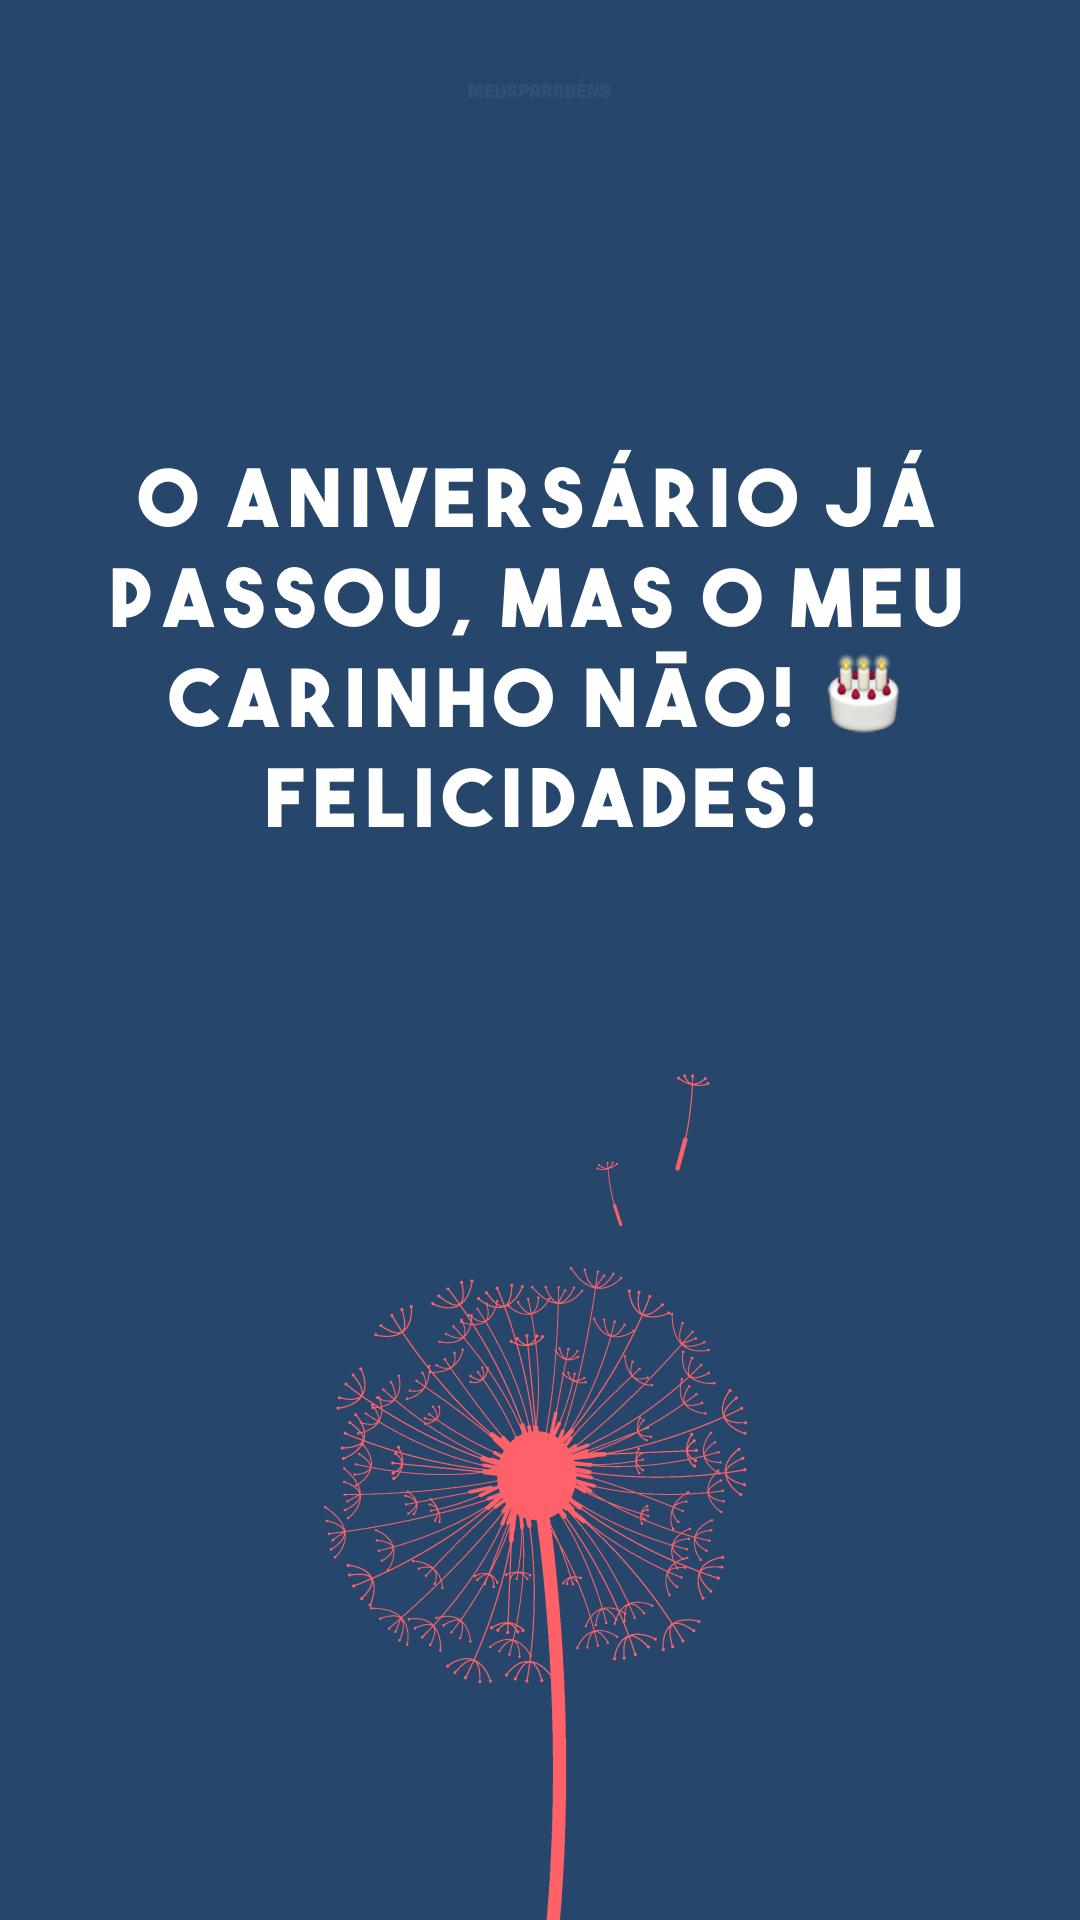 O aniversário já passou, mas o meu carinho não! 🎂 Felicidades!